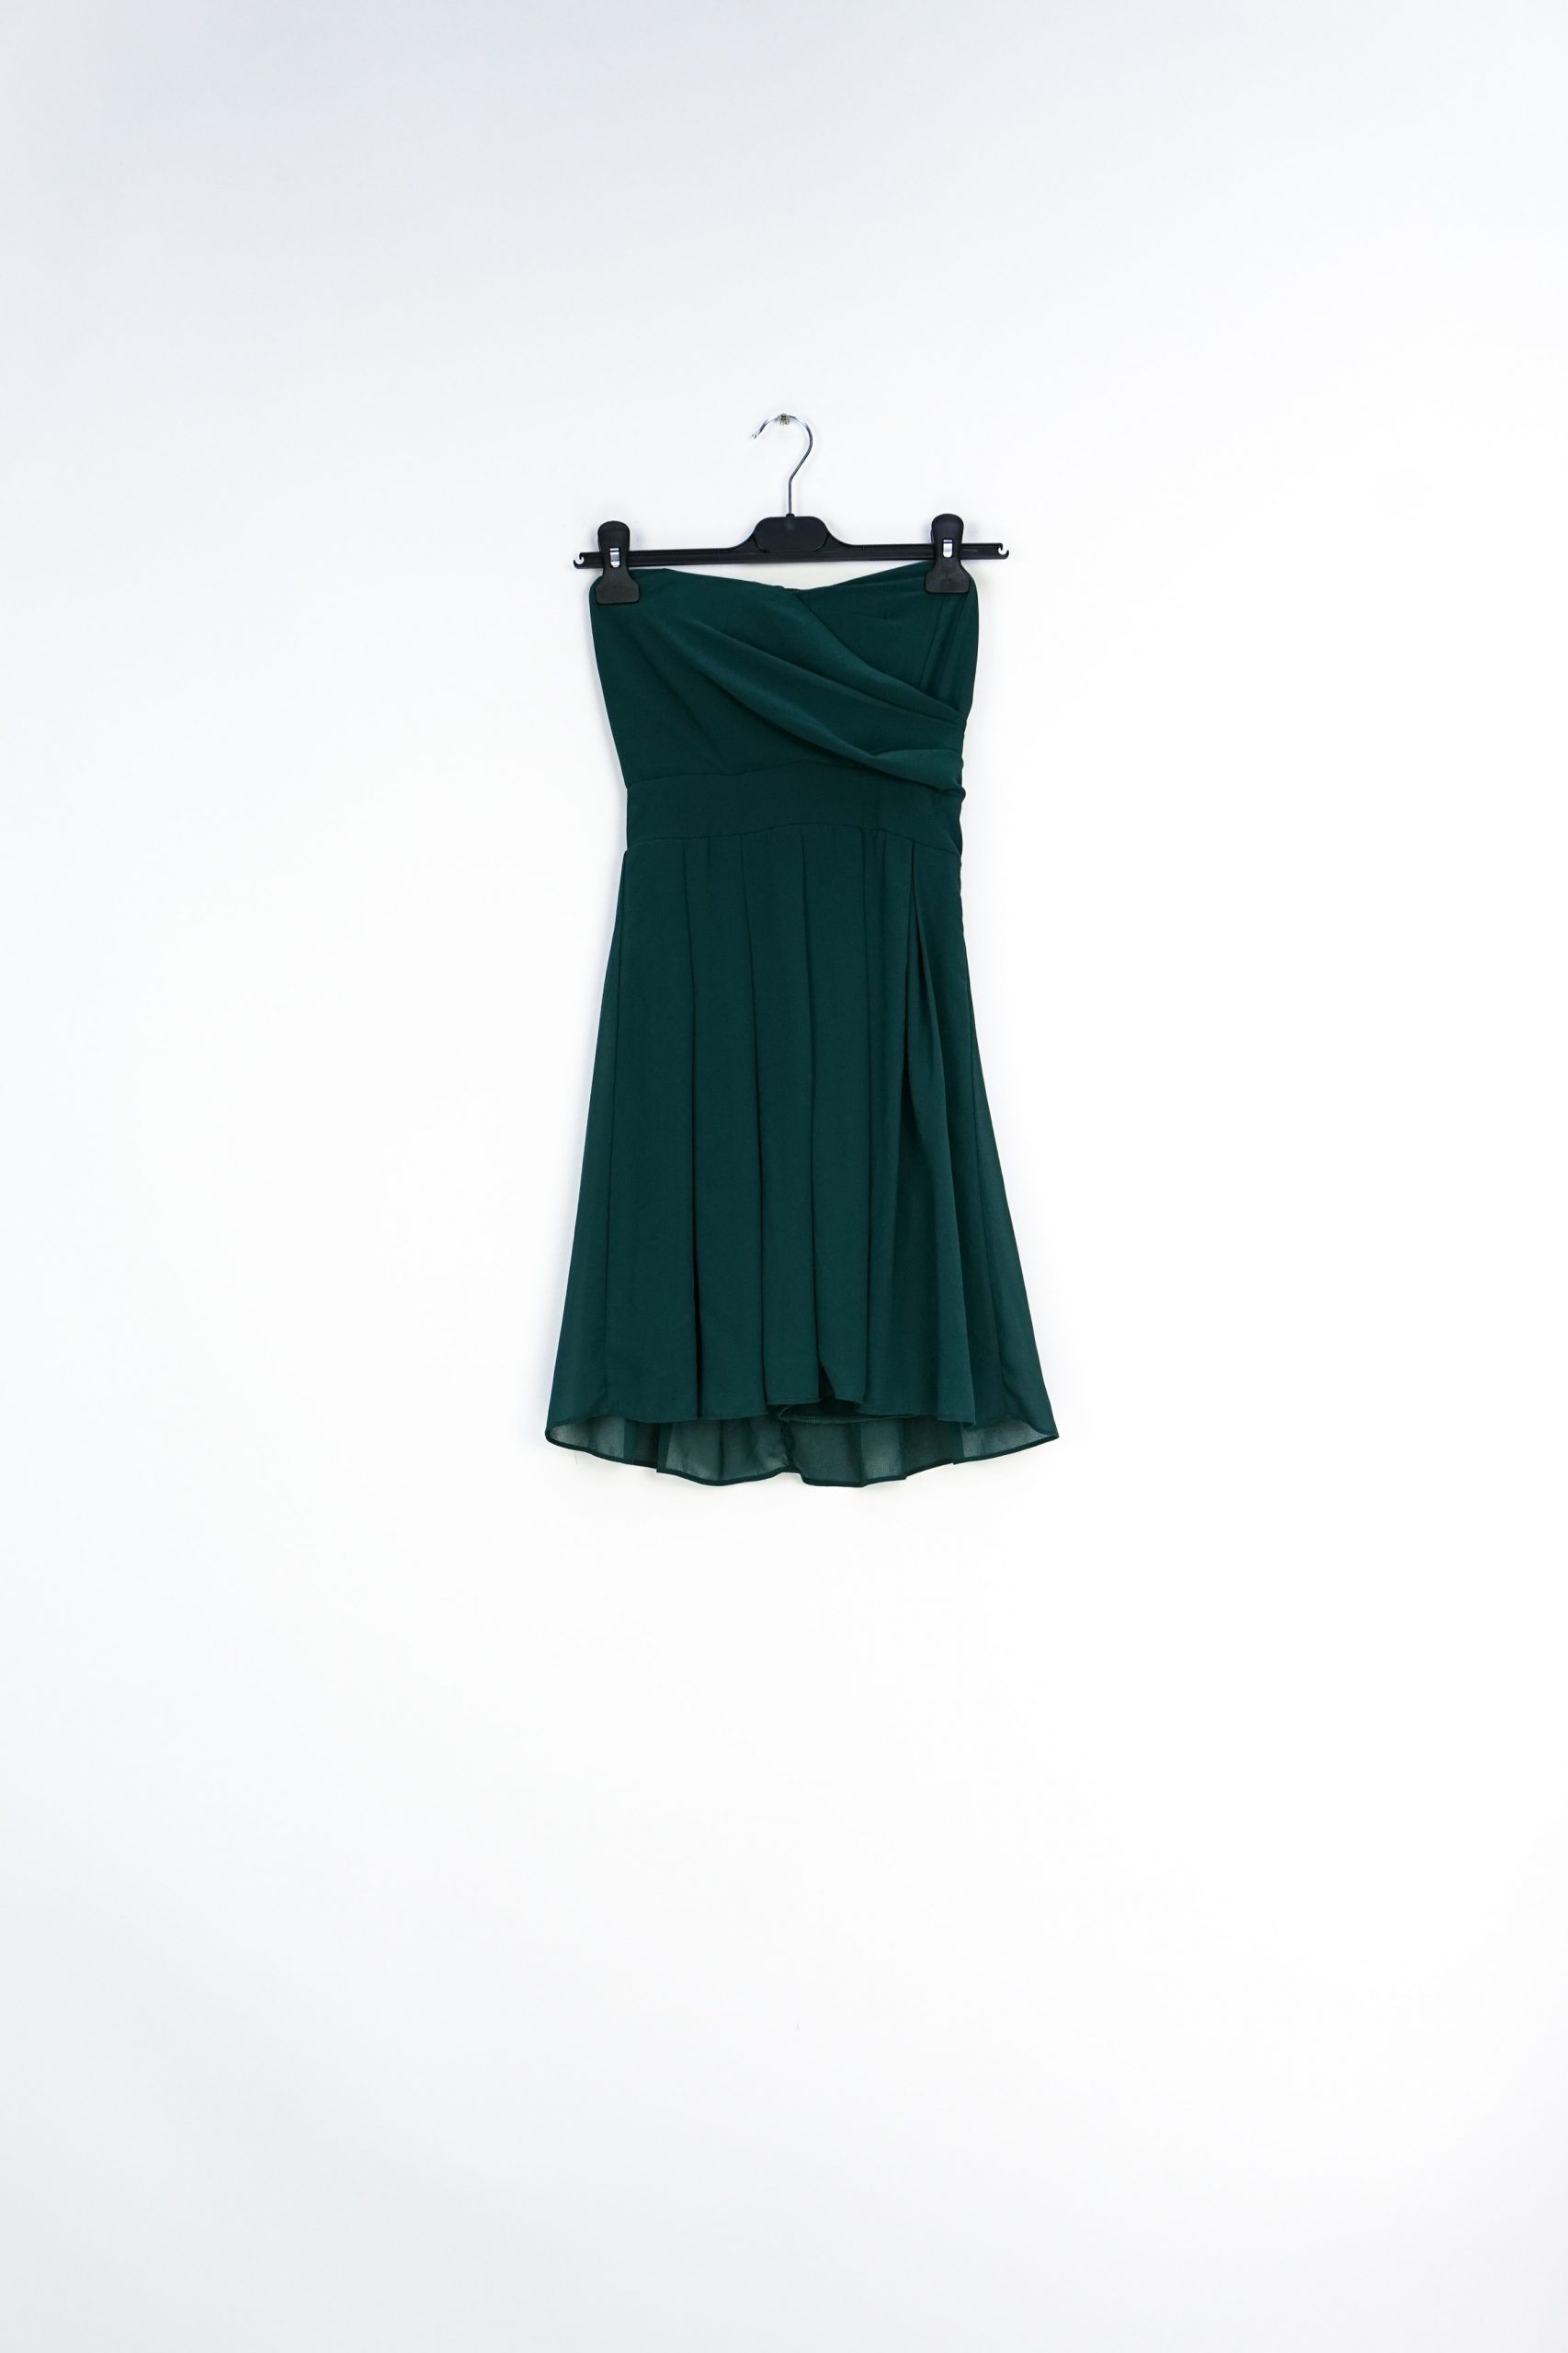 Coolste Abendkleider Xxs Stylish13 Luxus Abendkleider Xxs Vertrieb